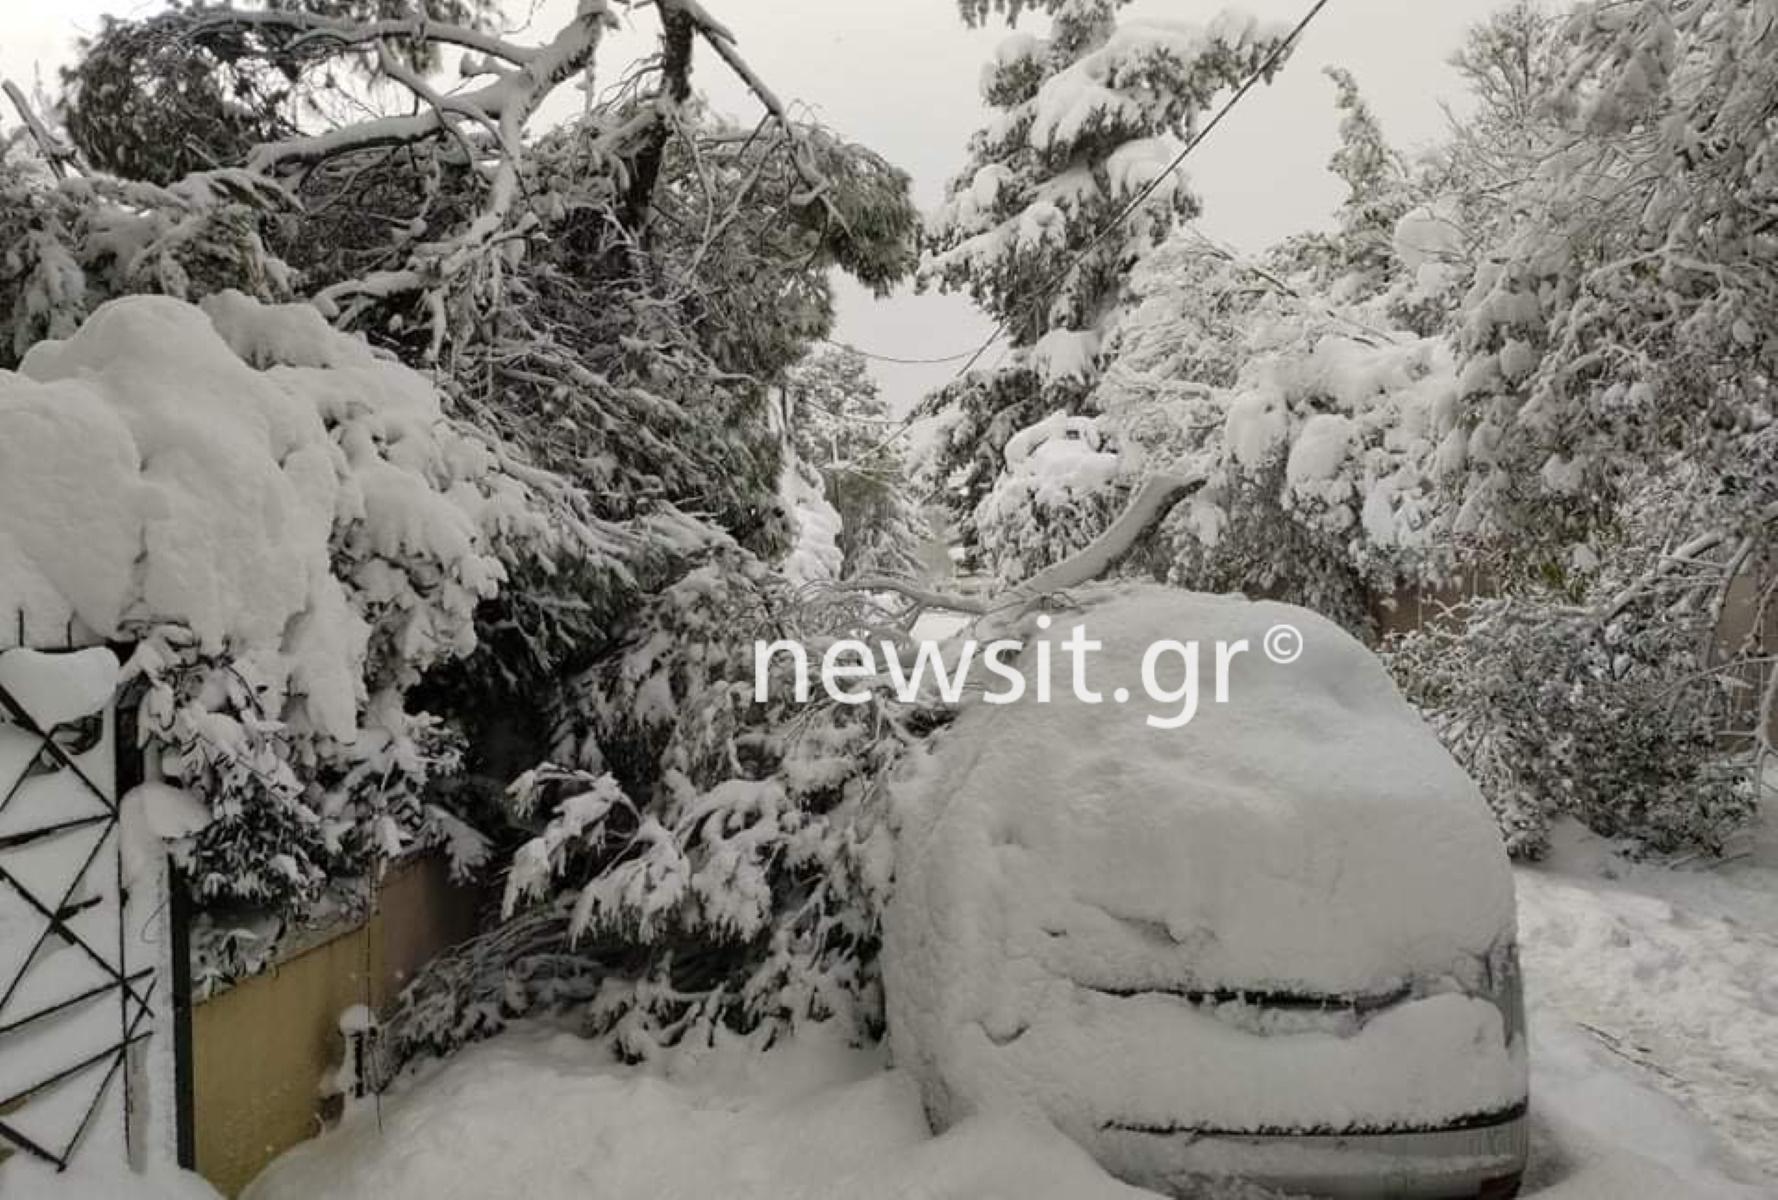 Καιρός – Κακοκαιρία Μήδεια: Δεκάδες πτώσεις δέντρων και σπίτια χωρίς ρεύμα (pics, video)